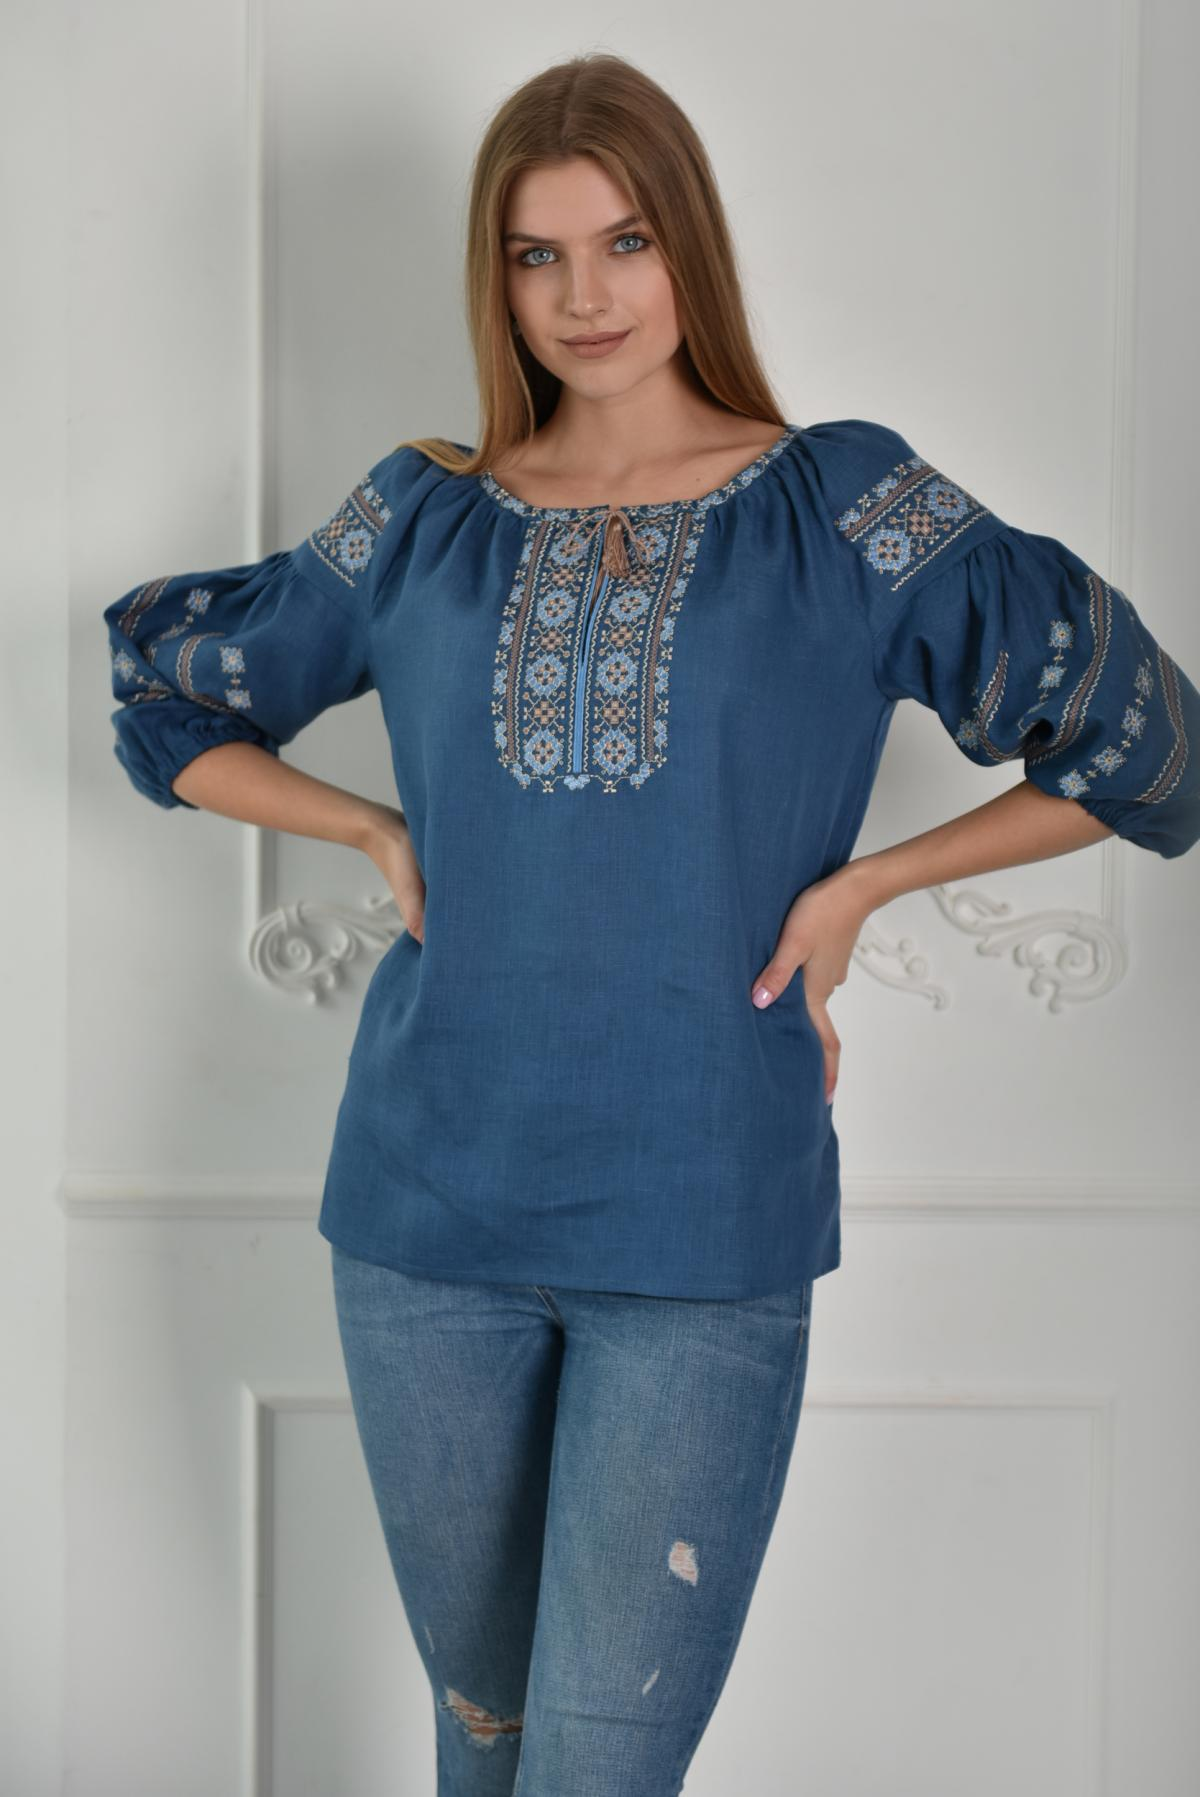 Синяя женская вышиванка с рукавом 3/4. Фото №1. | Народный дом Украина